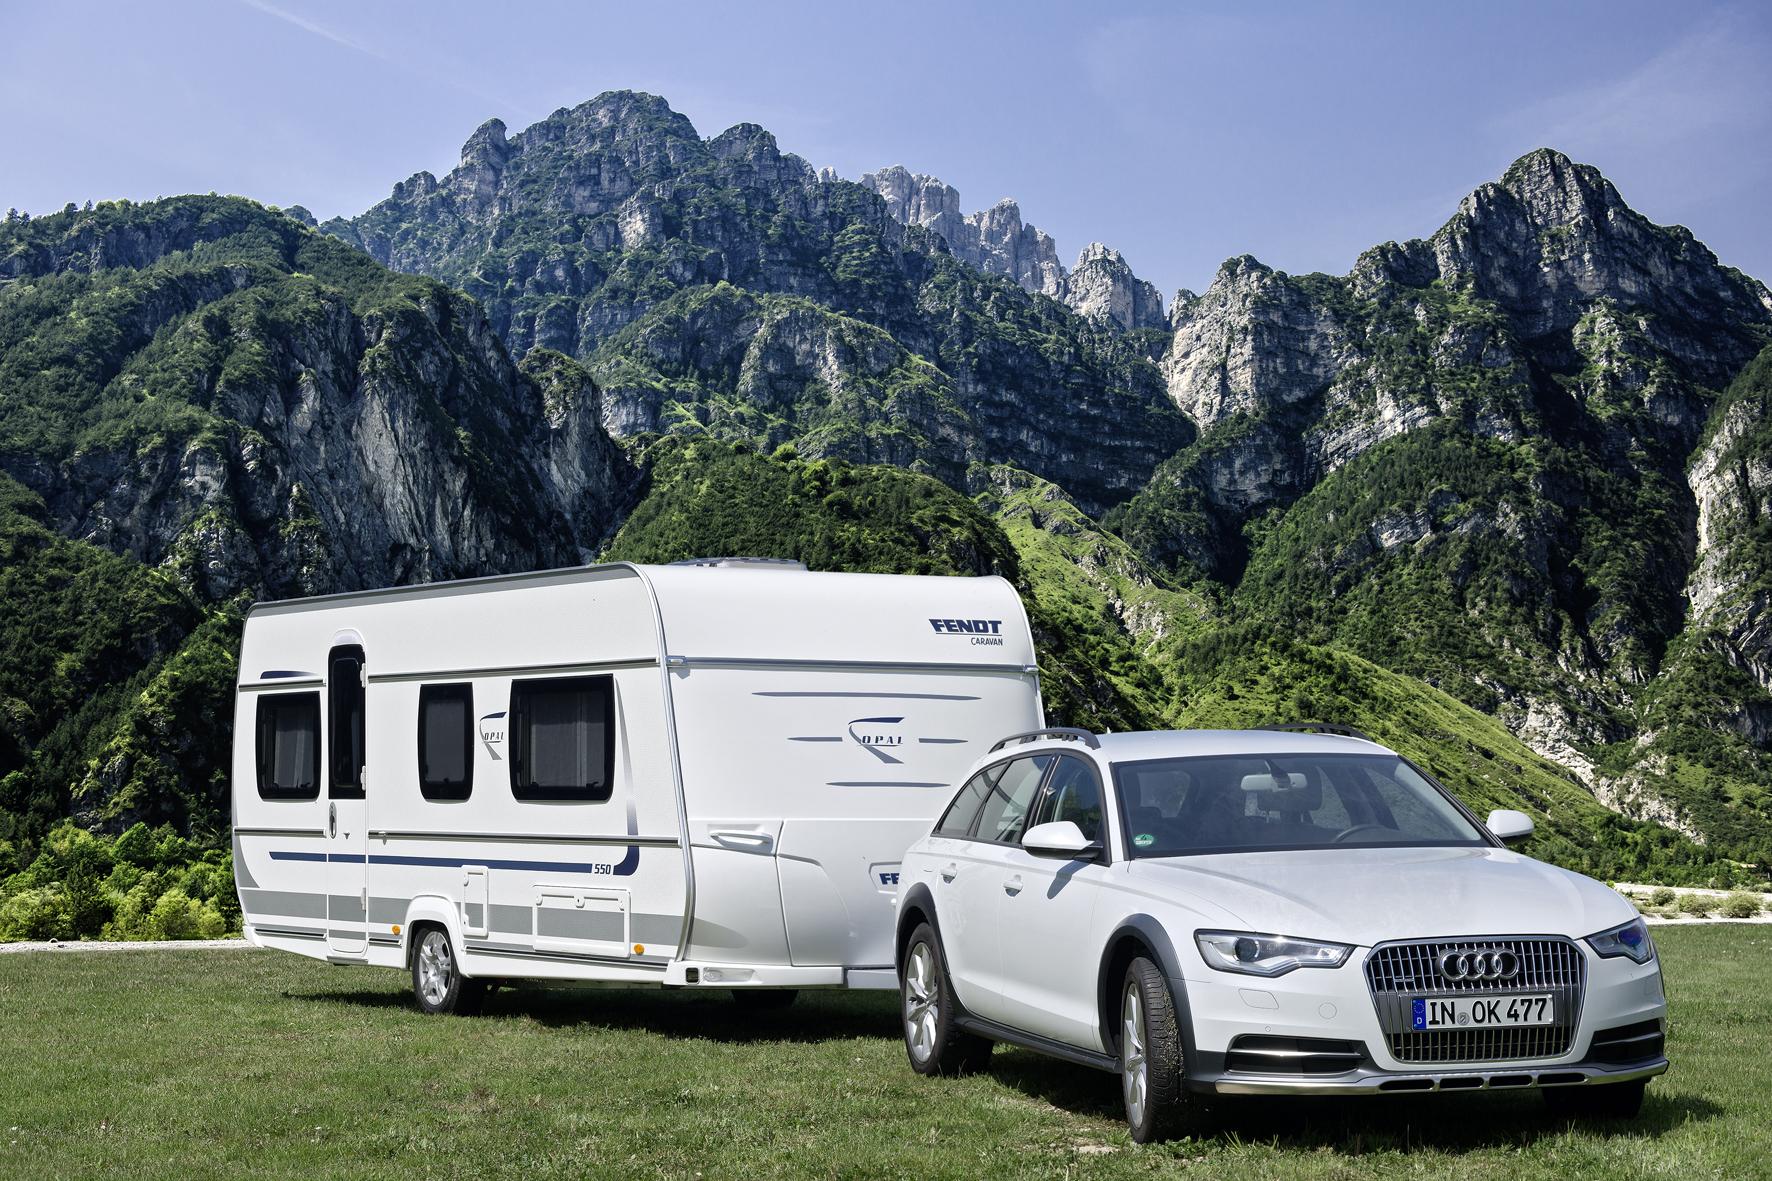 Caravan und Campingplatz auf einen Klick